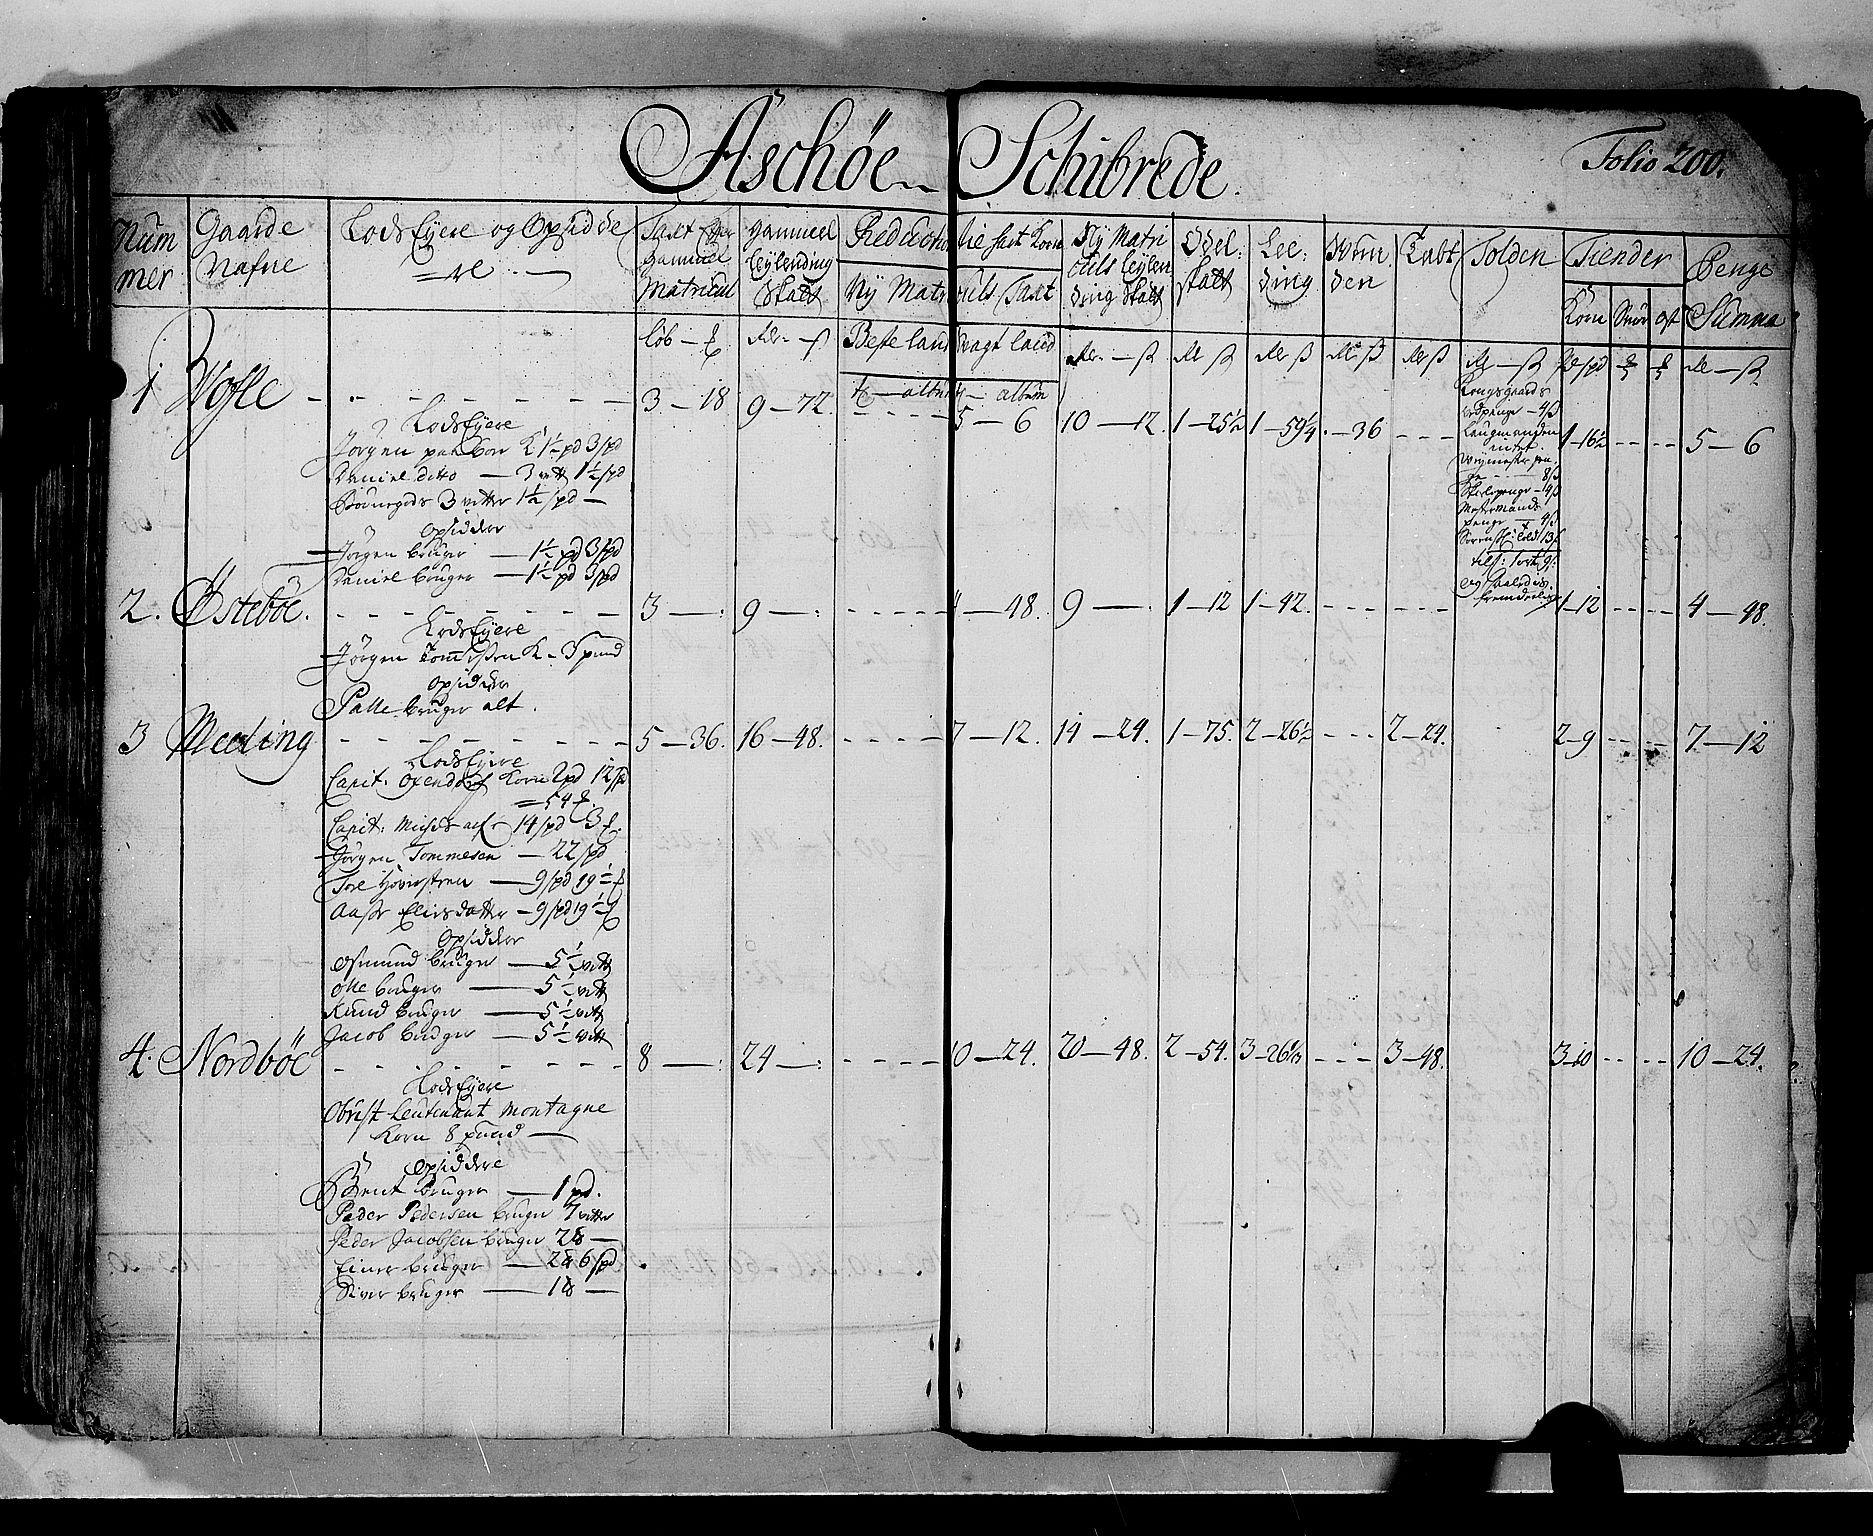 RA, Rentekammeret inntil 1814, Realistisk ordnet avdeling, N/Nb/Nbf/L0133b: Ryfylke matrikkelprotokoll, 1723, s. 199b-200a